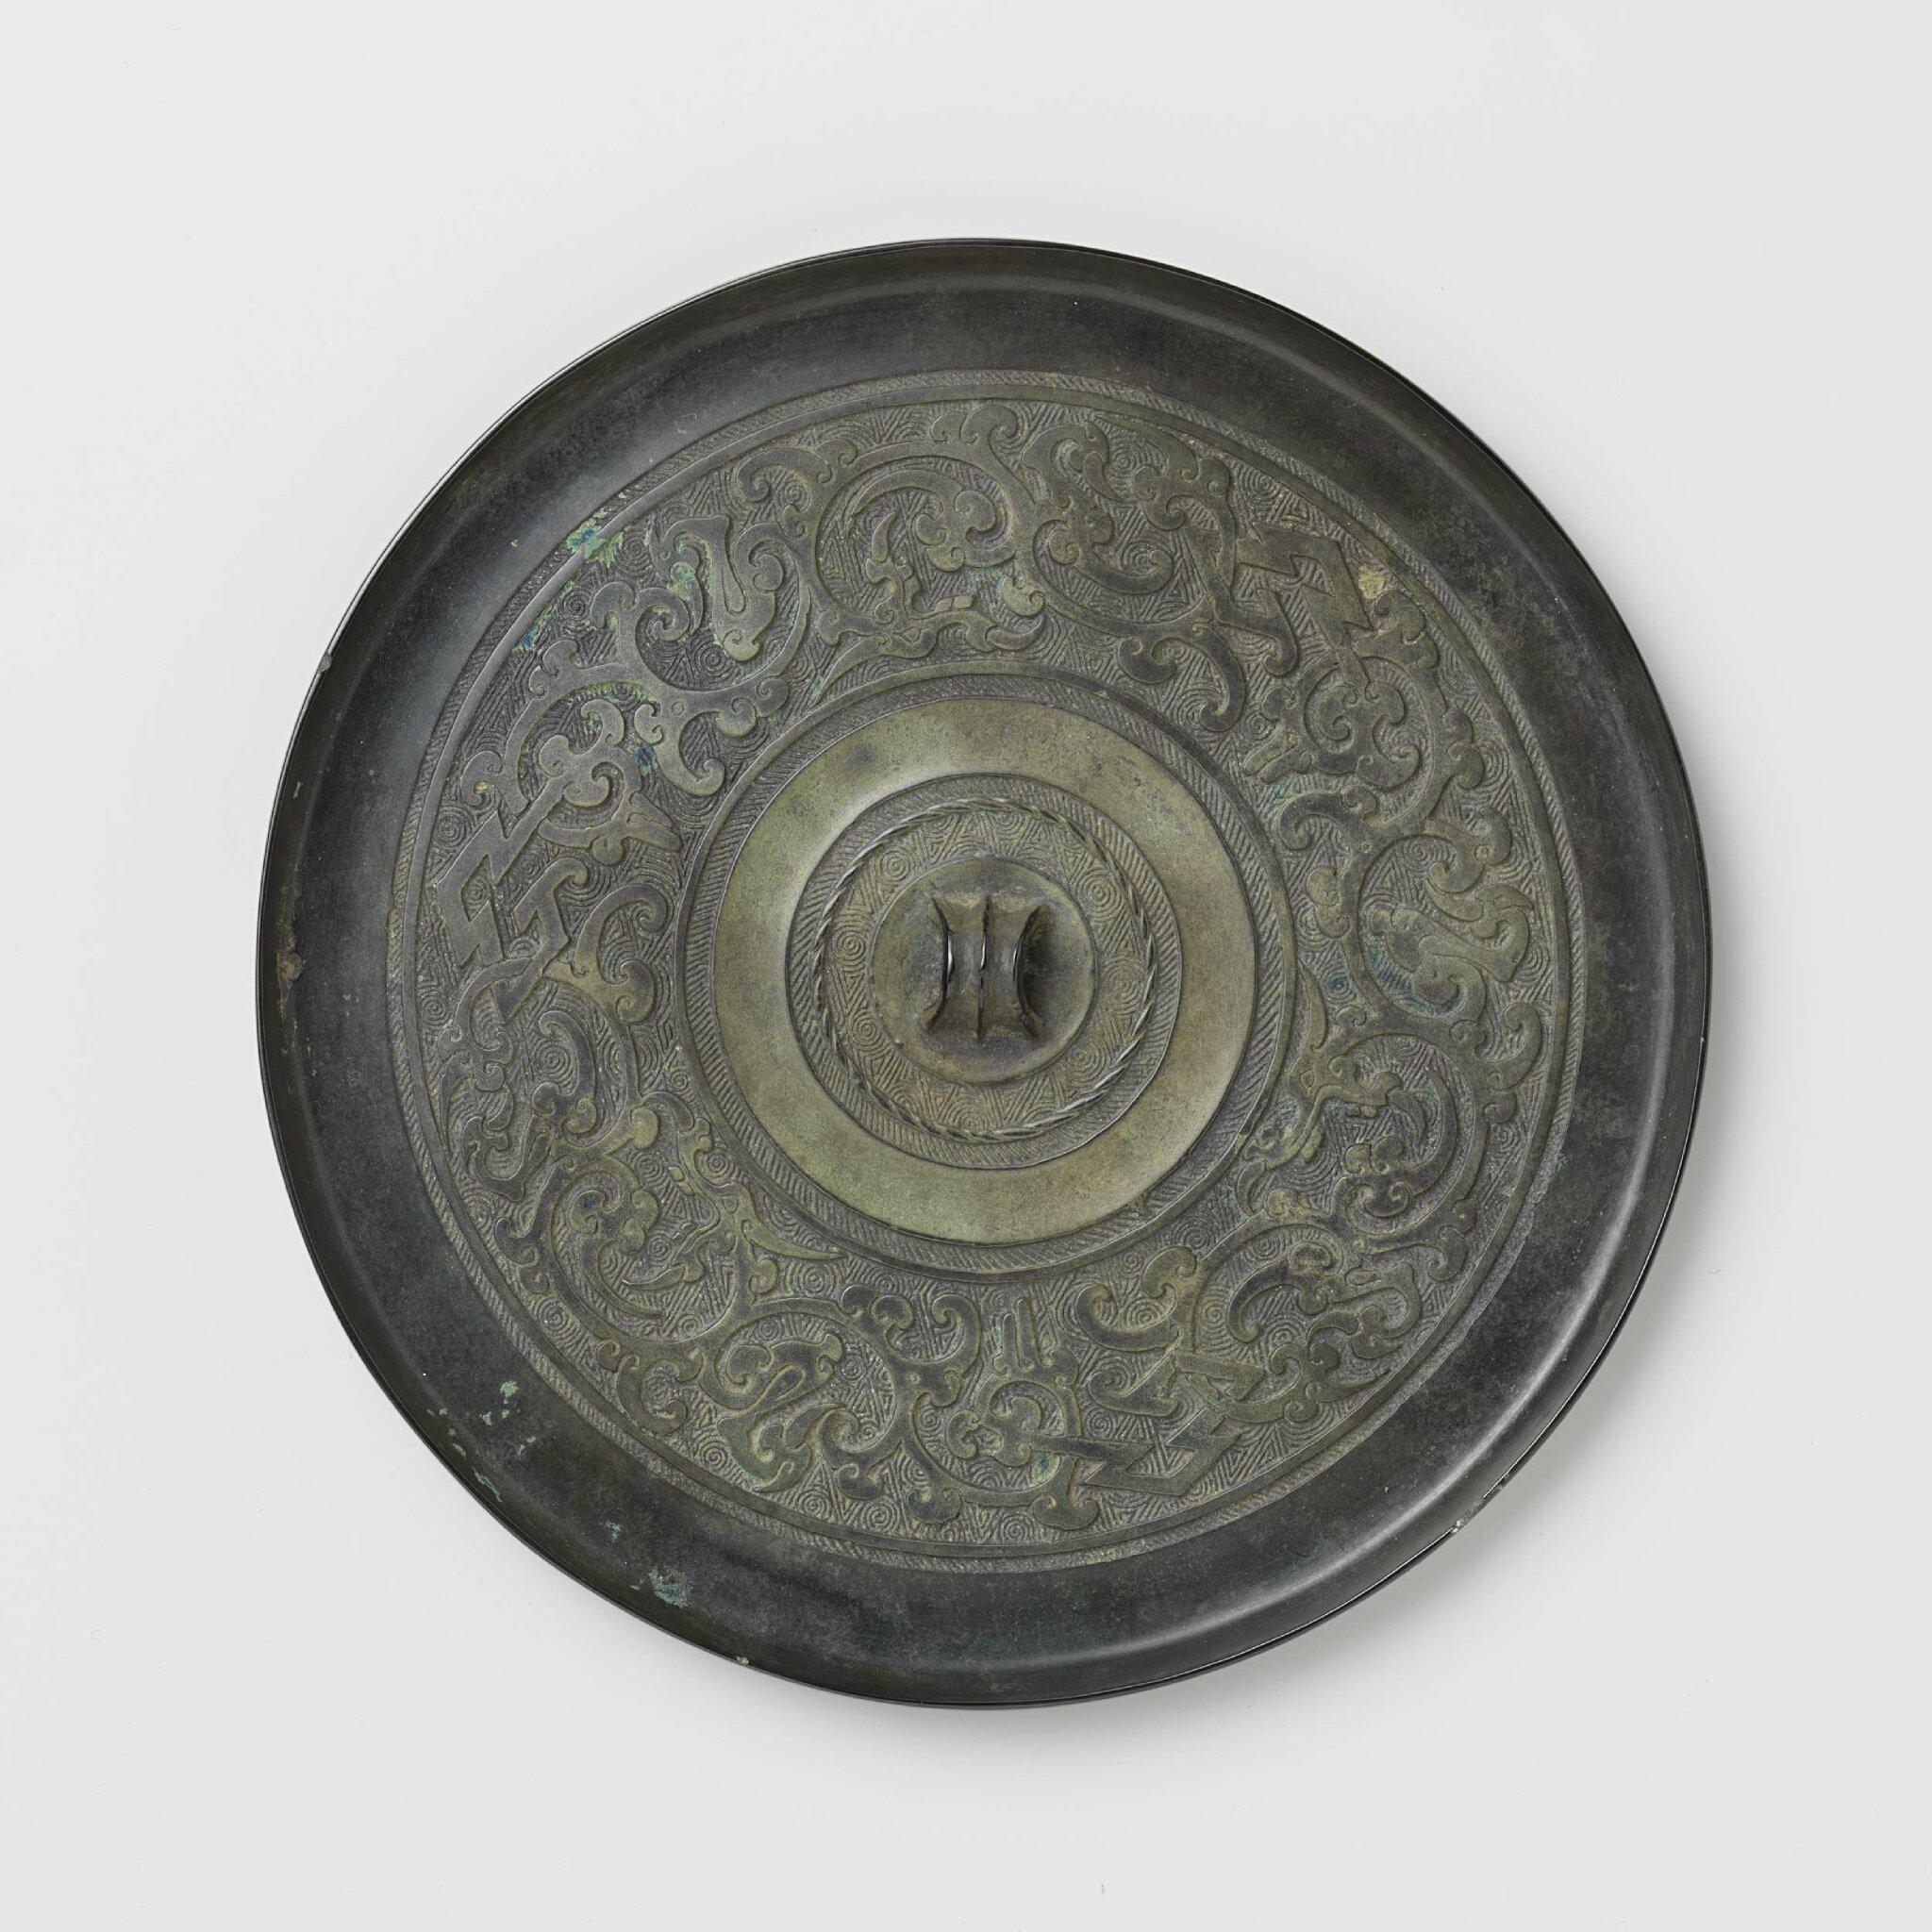 Bronze mirror with stylized bird-dragon motifs, Han dynasty, 200-100 BCE